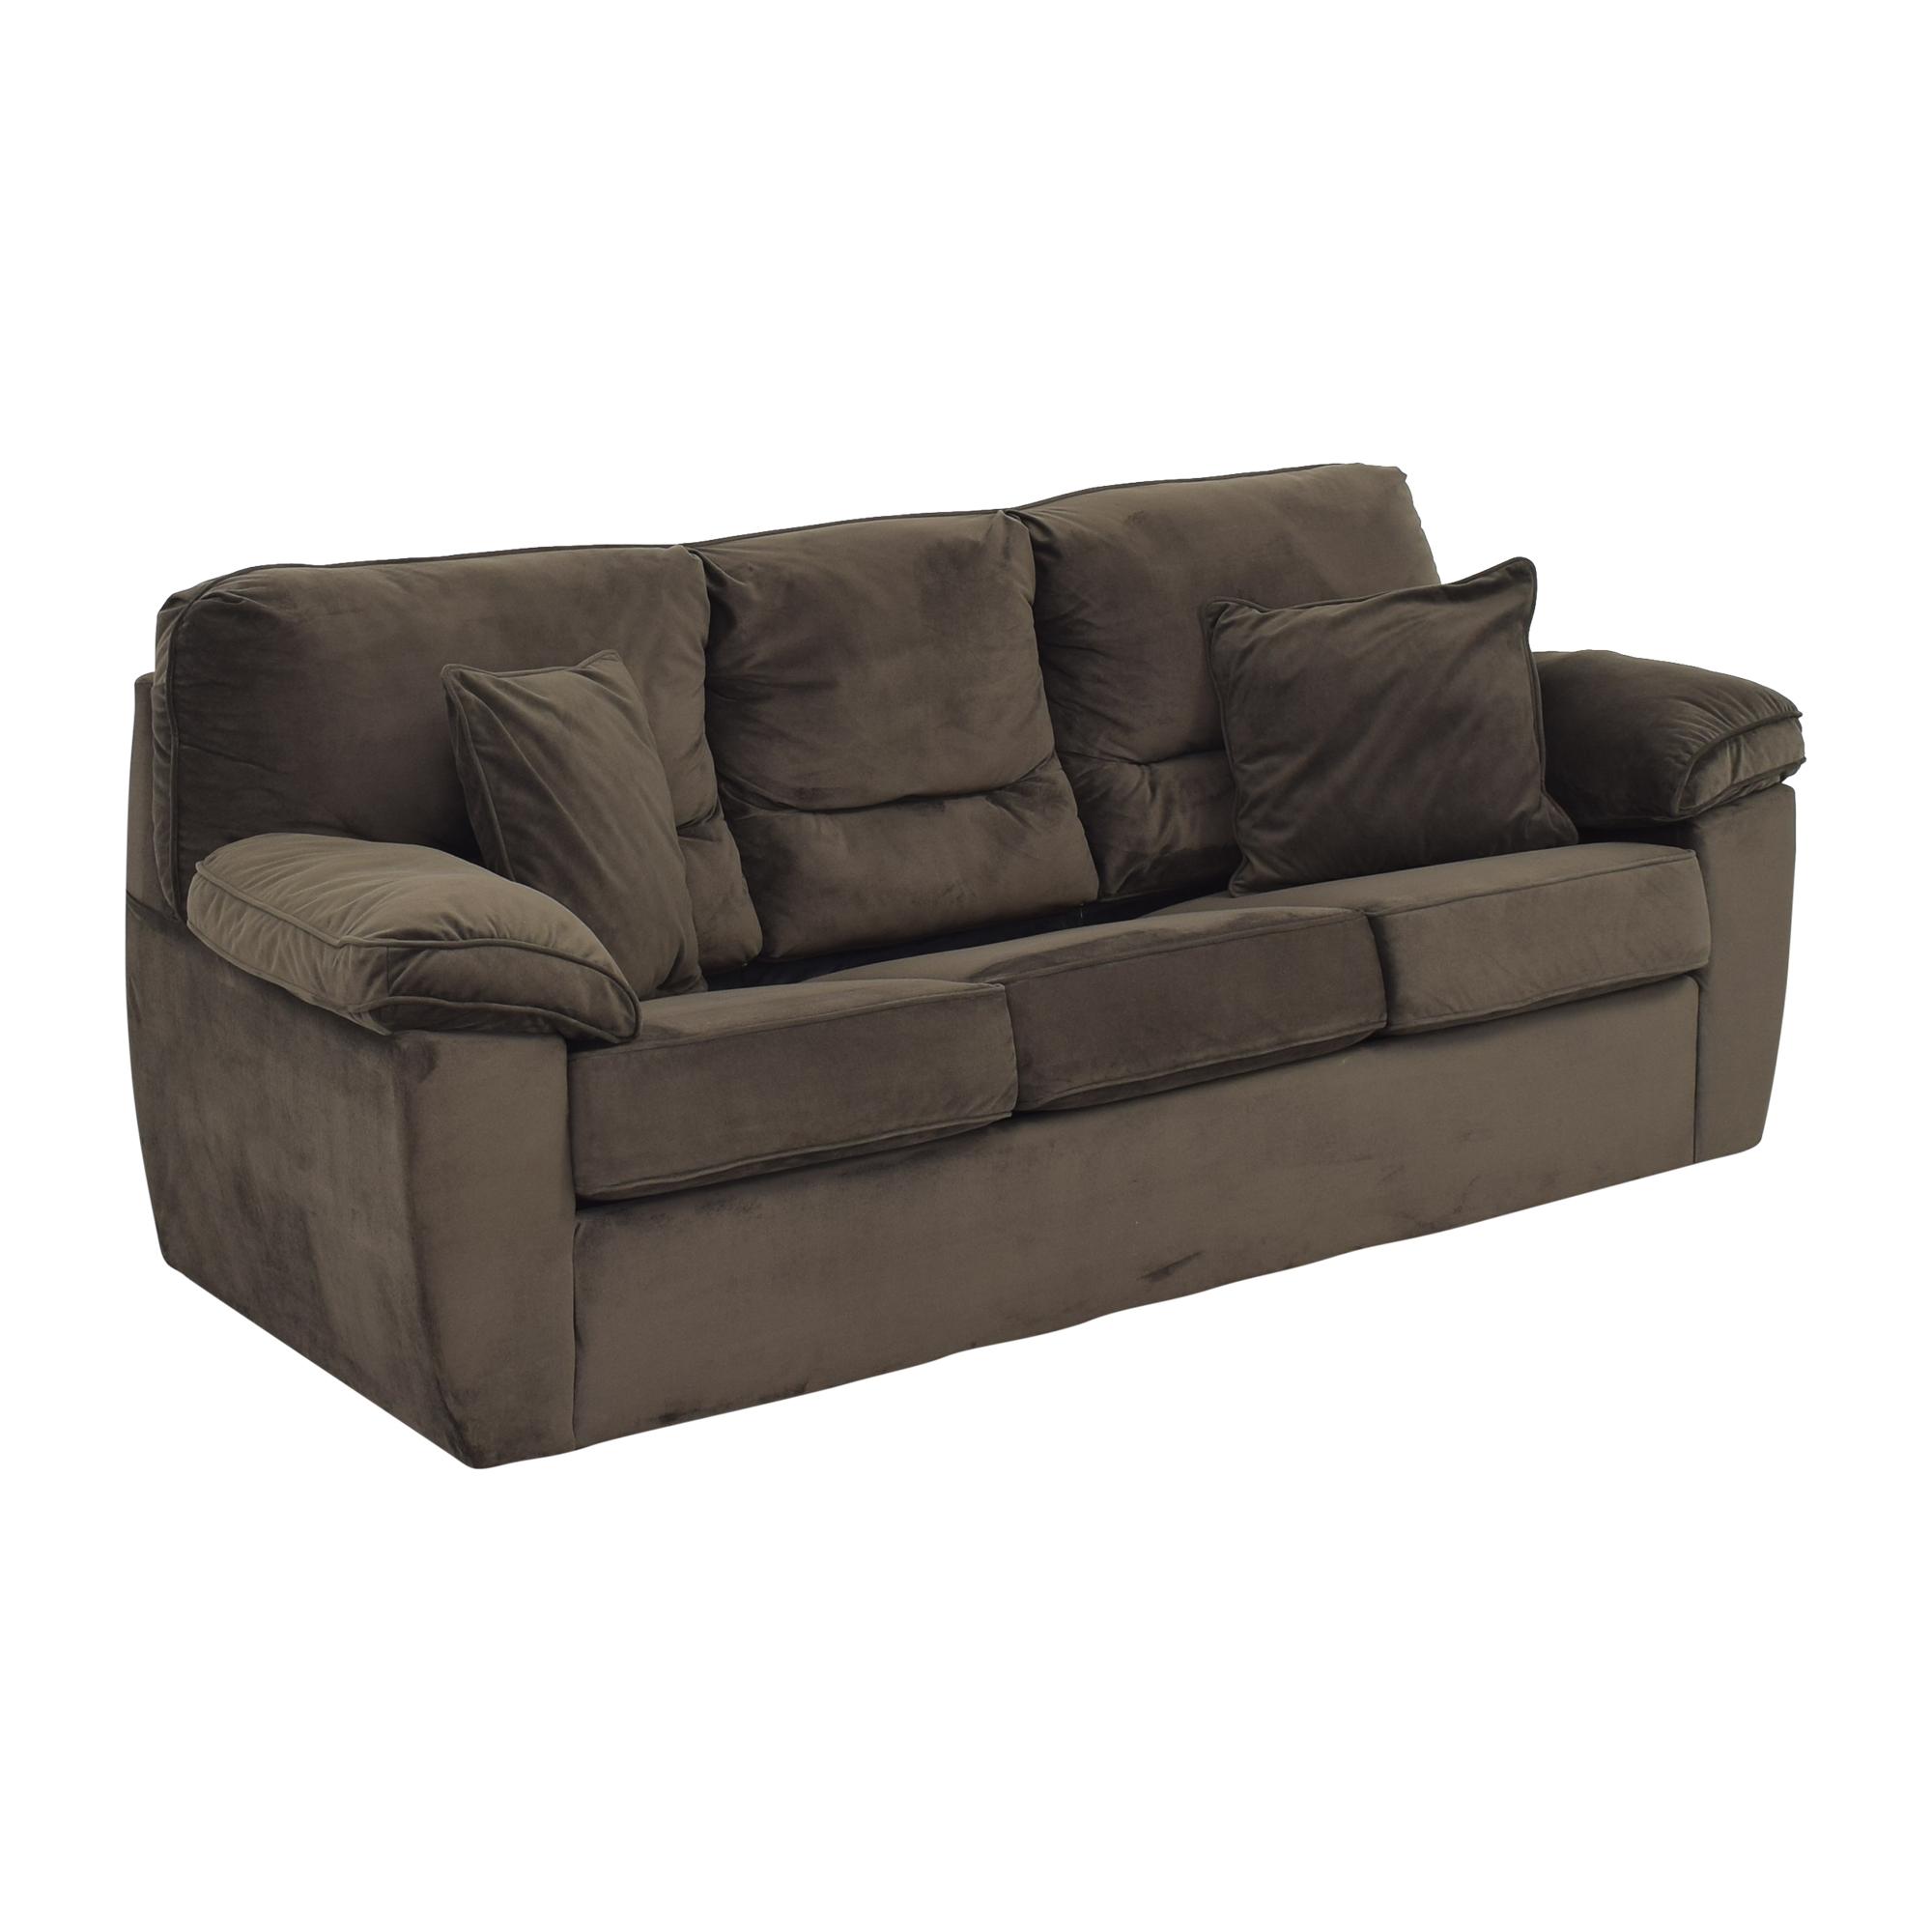 Raymour & Flanigan Raymour & Flanigan Rockport Queen Sleeper Sofa